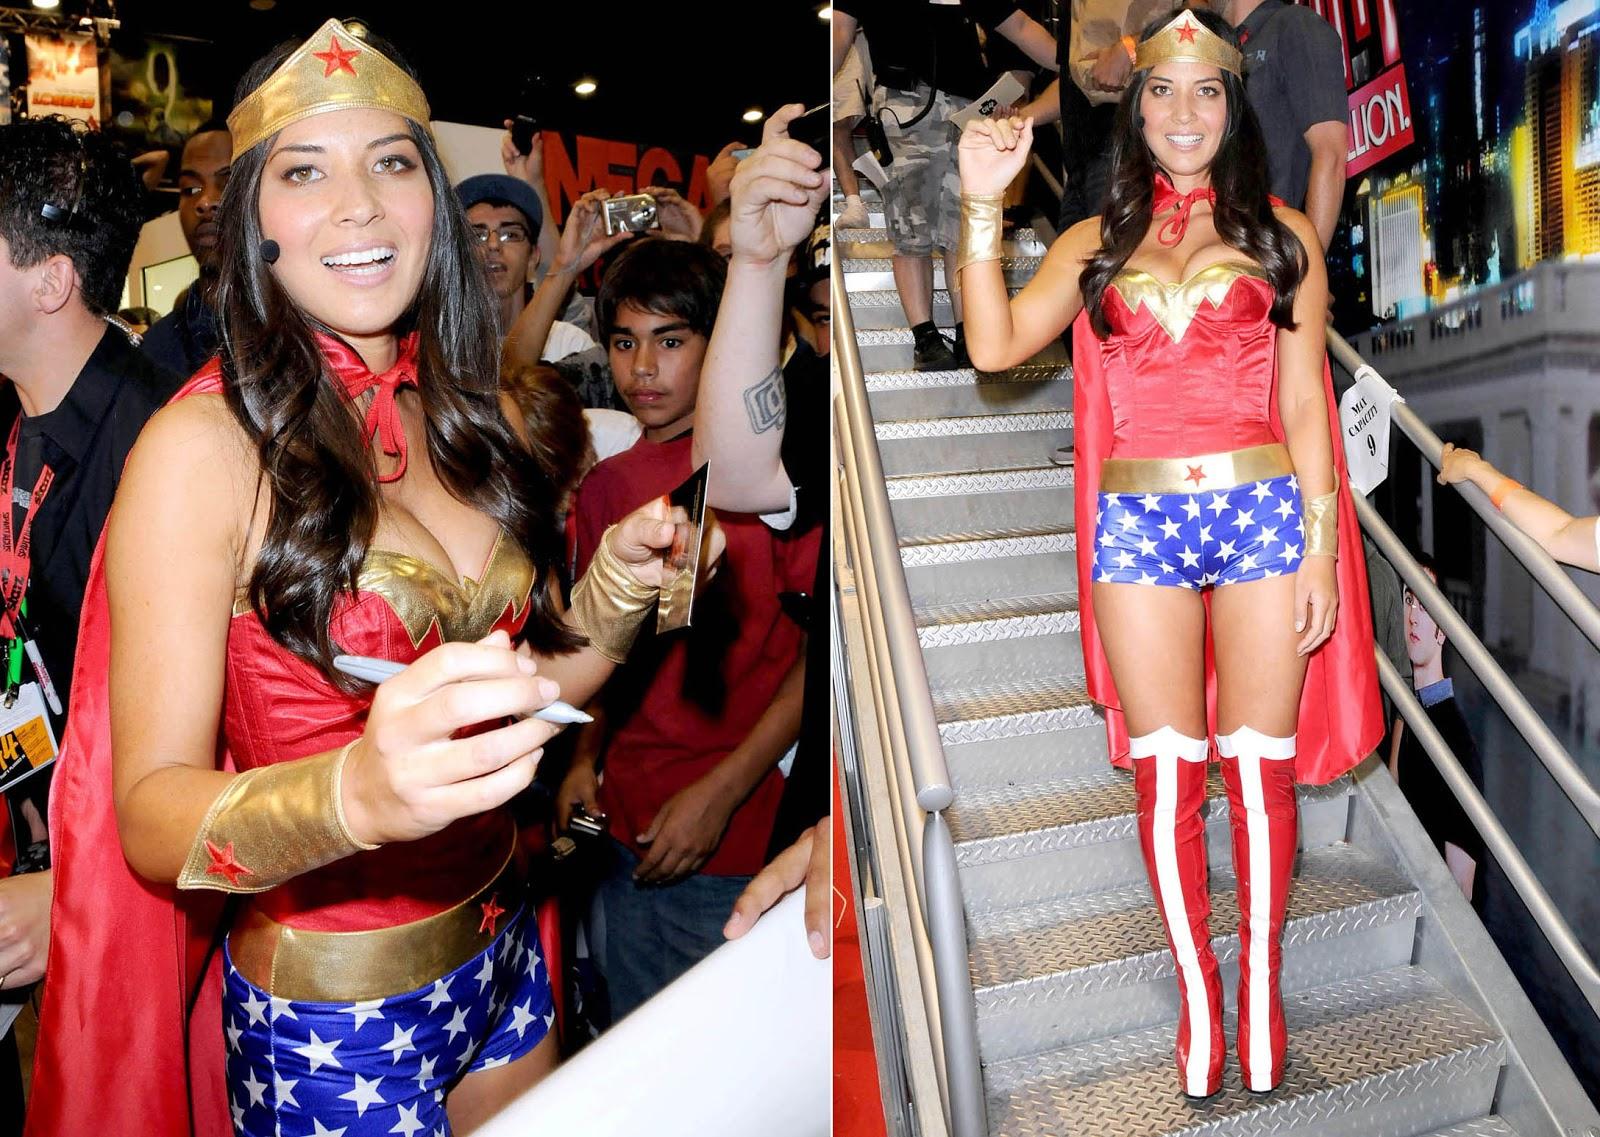 http://2.bp.blogspot.com/-LqGx5D_5Vcs/UNzv0YpXh2I/AAAAAAAABd0/PZzoSIuzS4I/s1600/olivia_munn_wonder_woman_costume.jpg